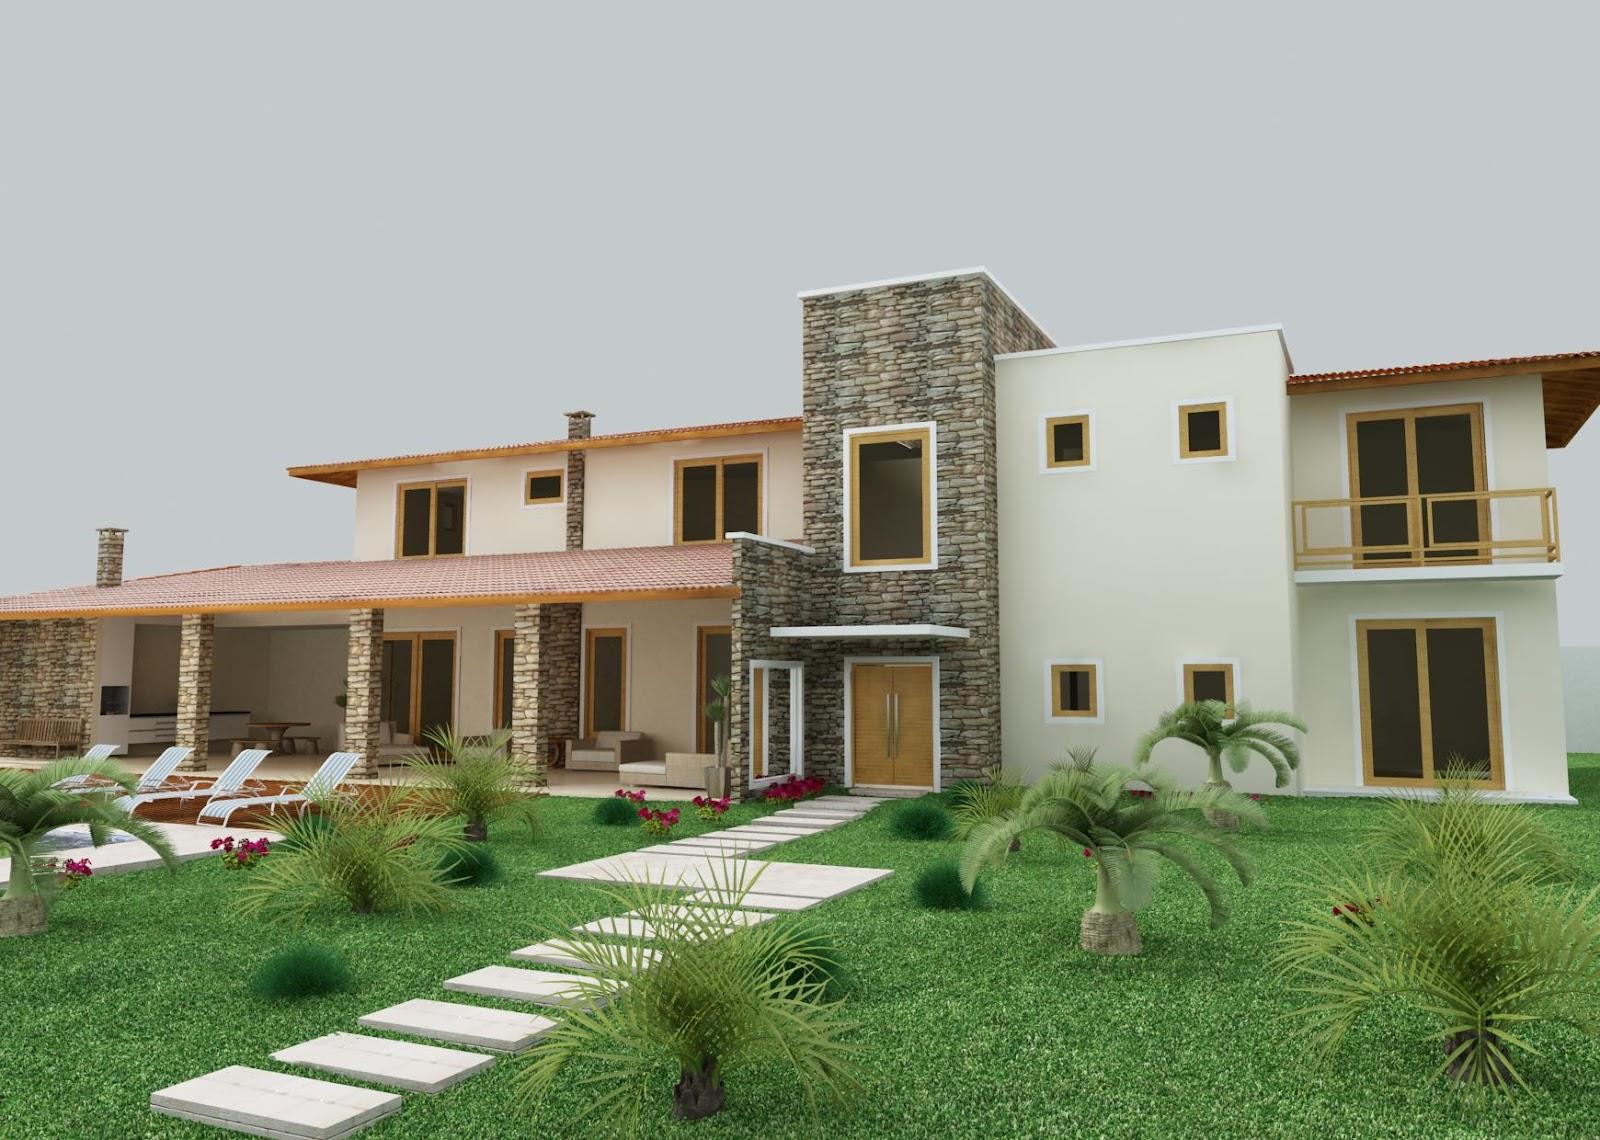 Casas de campo casas y fachadas for Fachadas de casas de campo